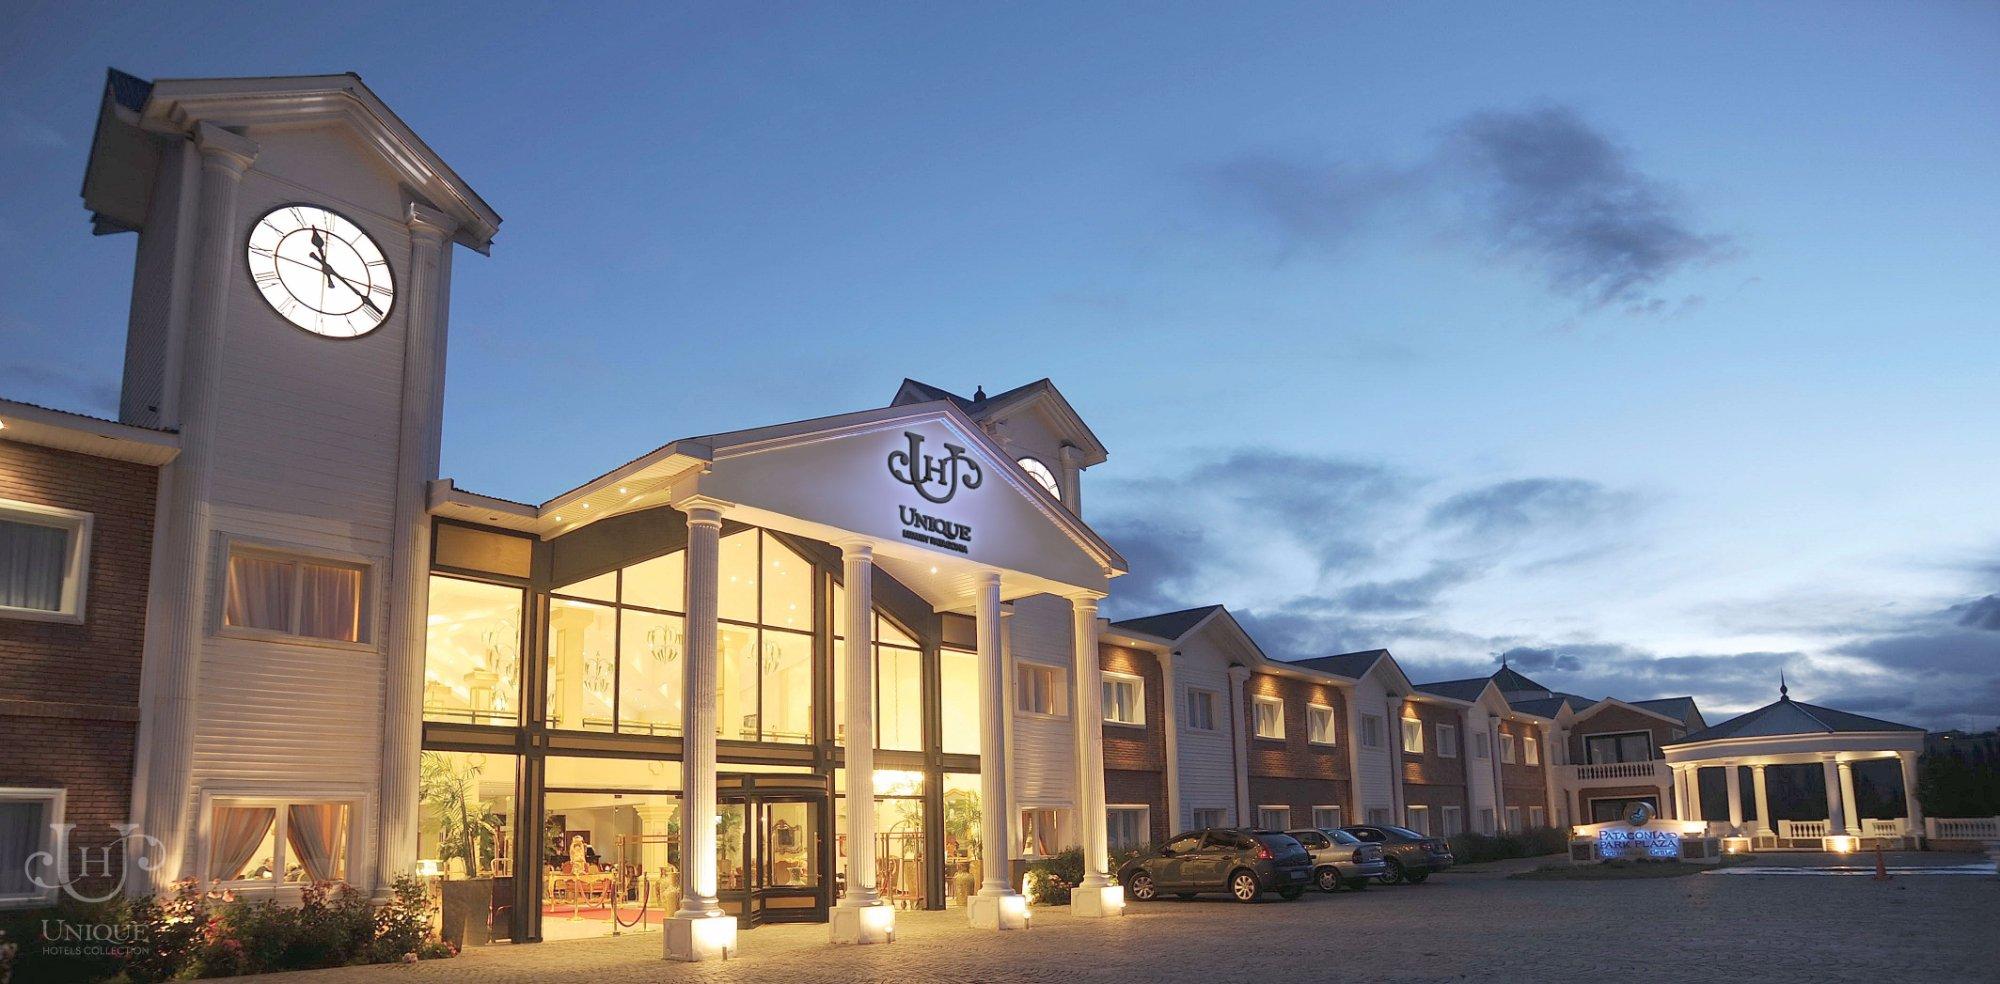 ケンピンスキー ホテル パタゴニア パーク プラザ エル カラファテ